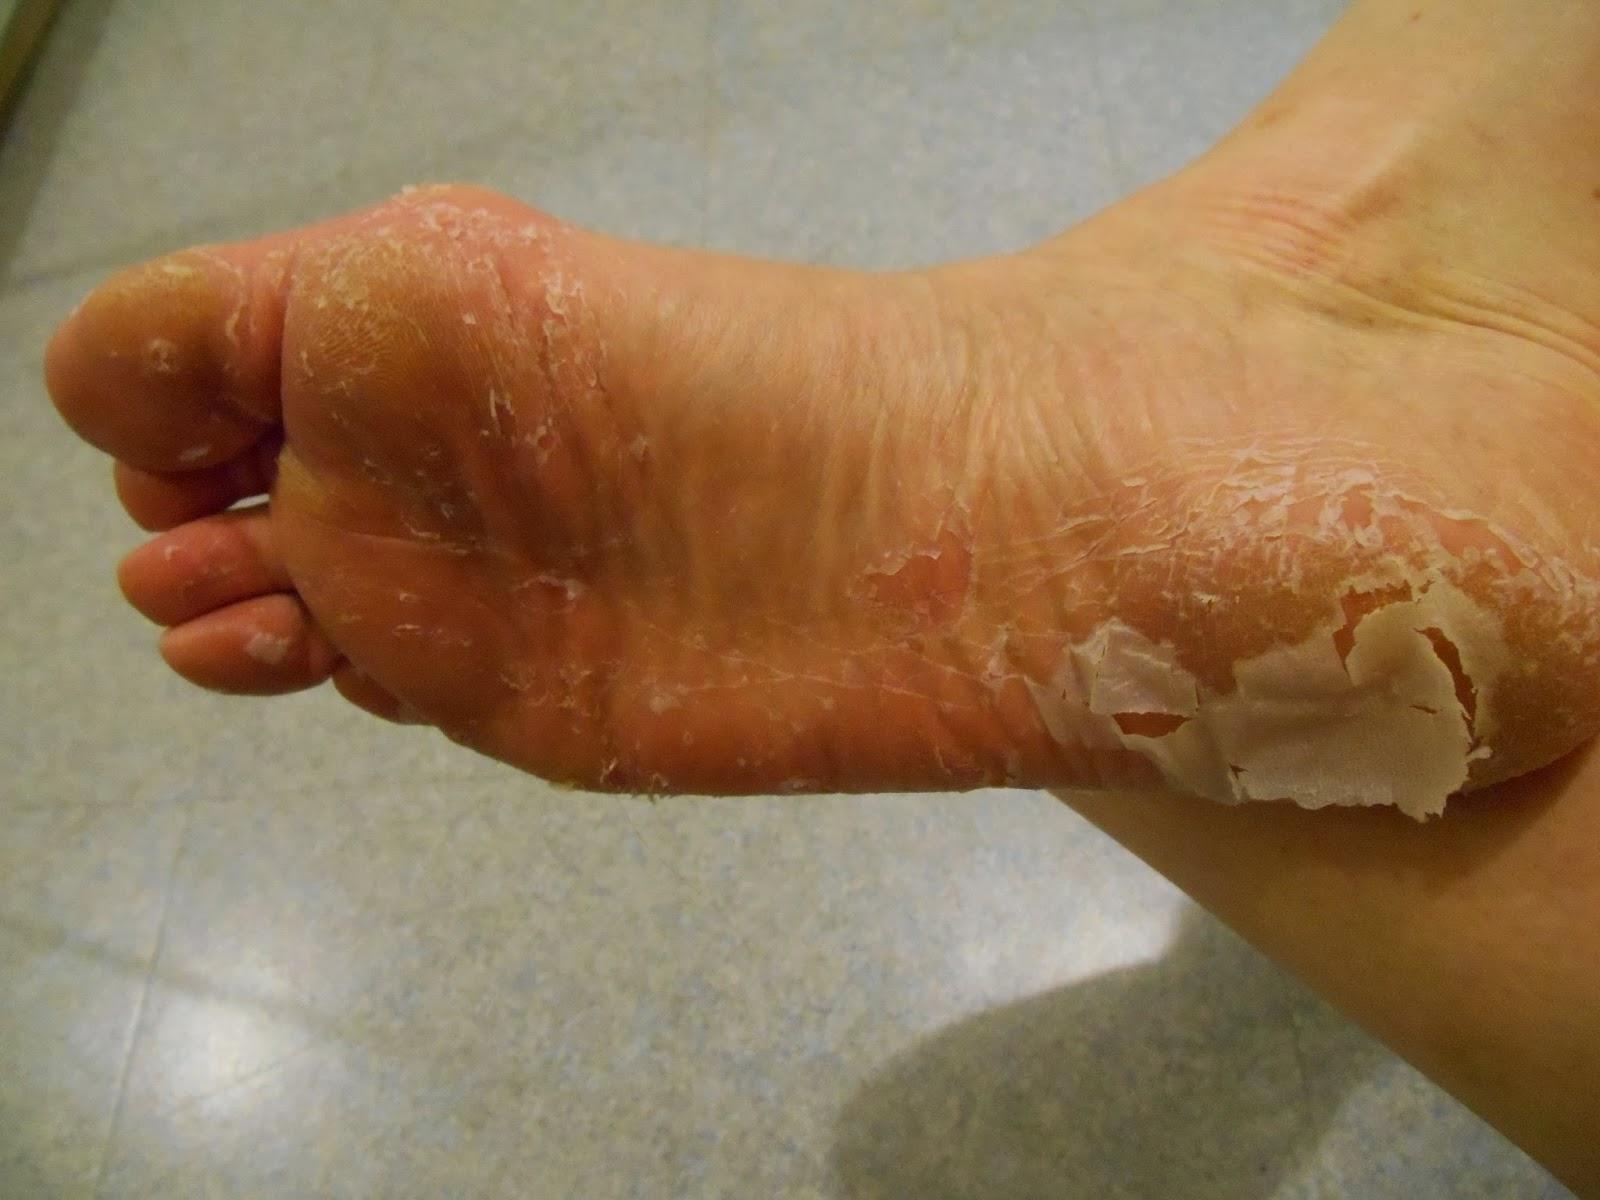 Vos mains pelent voici des remedes efficaces pour for Parquet qui craque sous les pieds